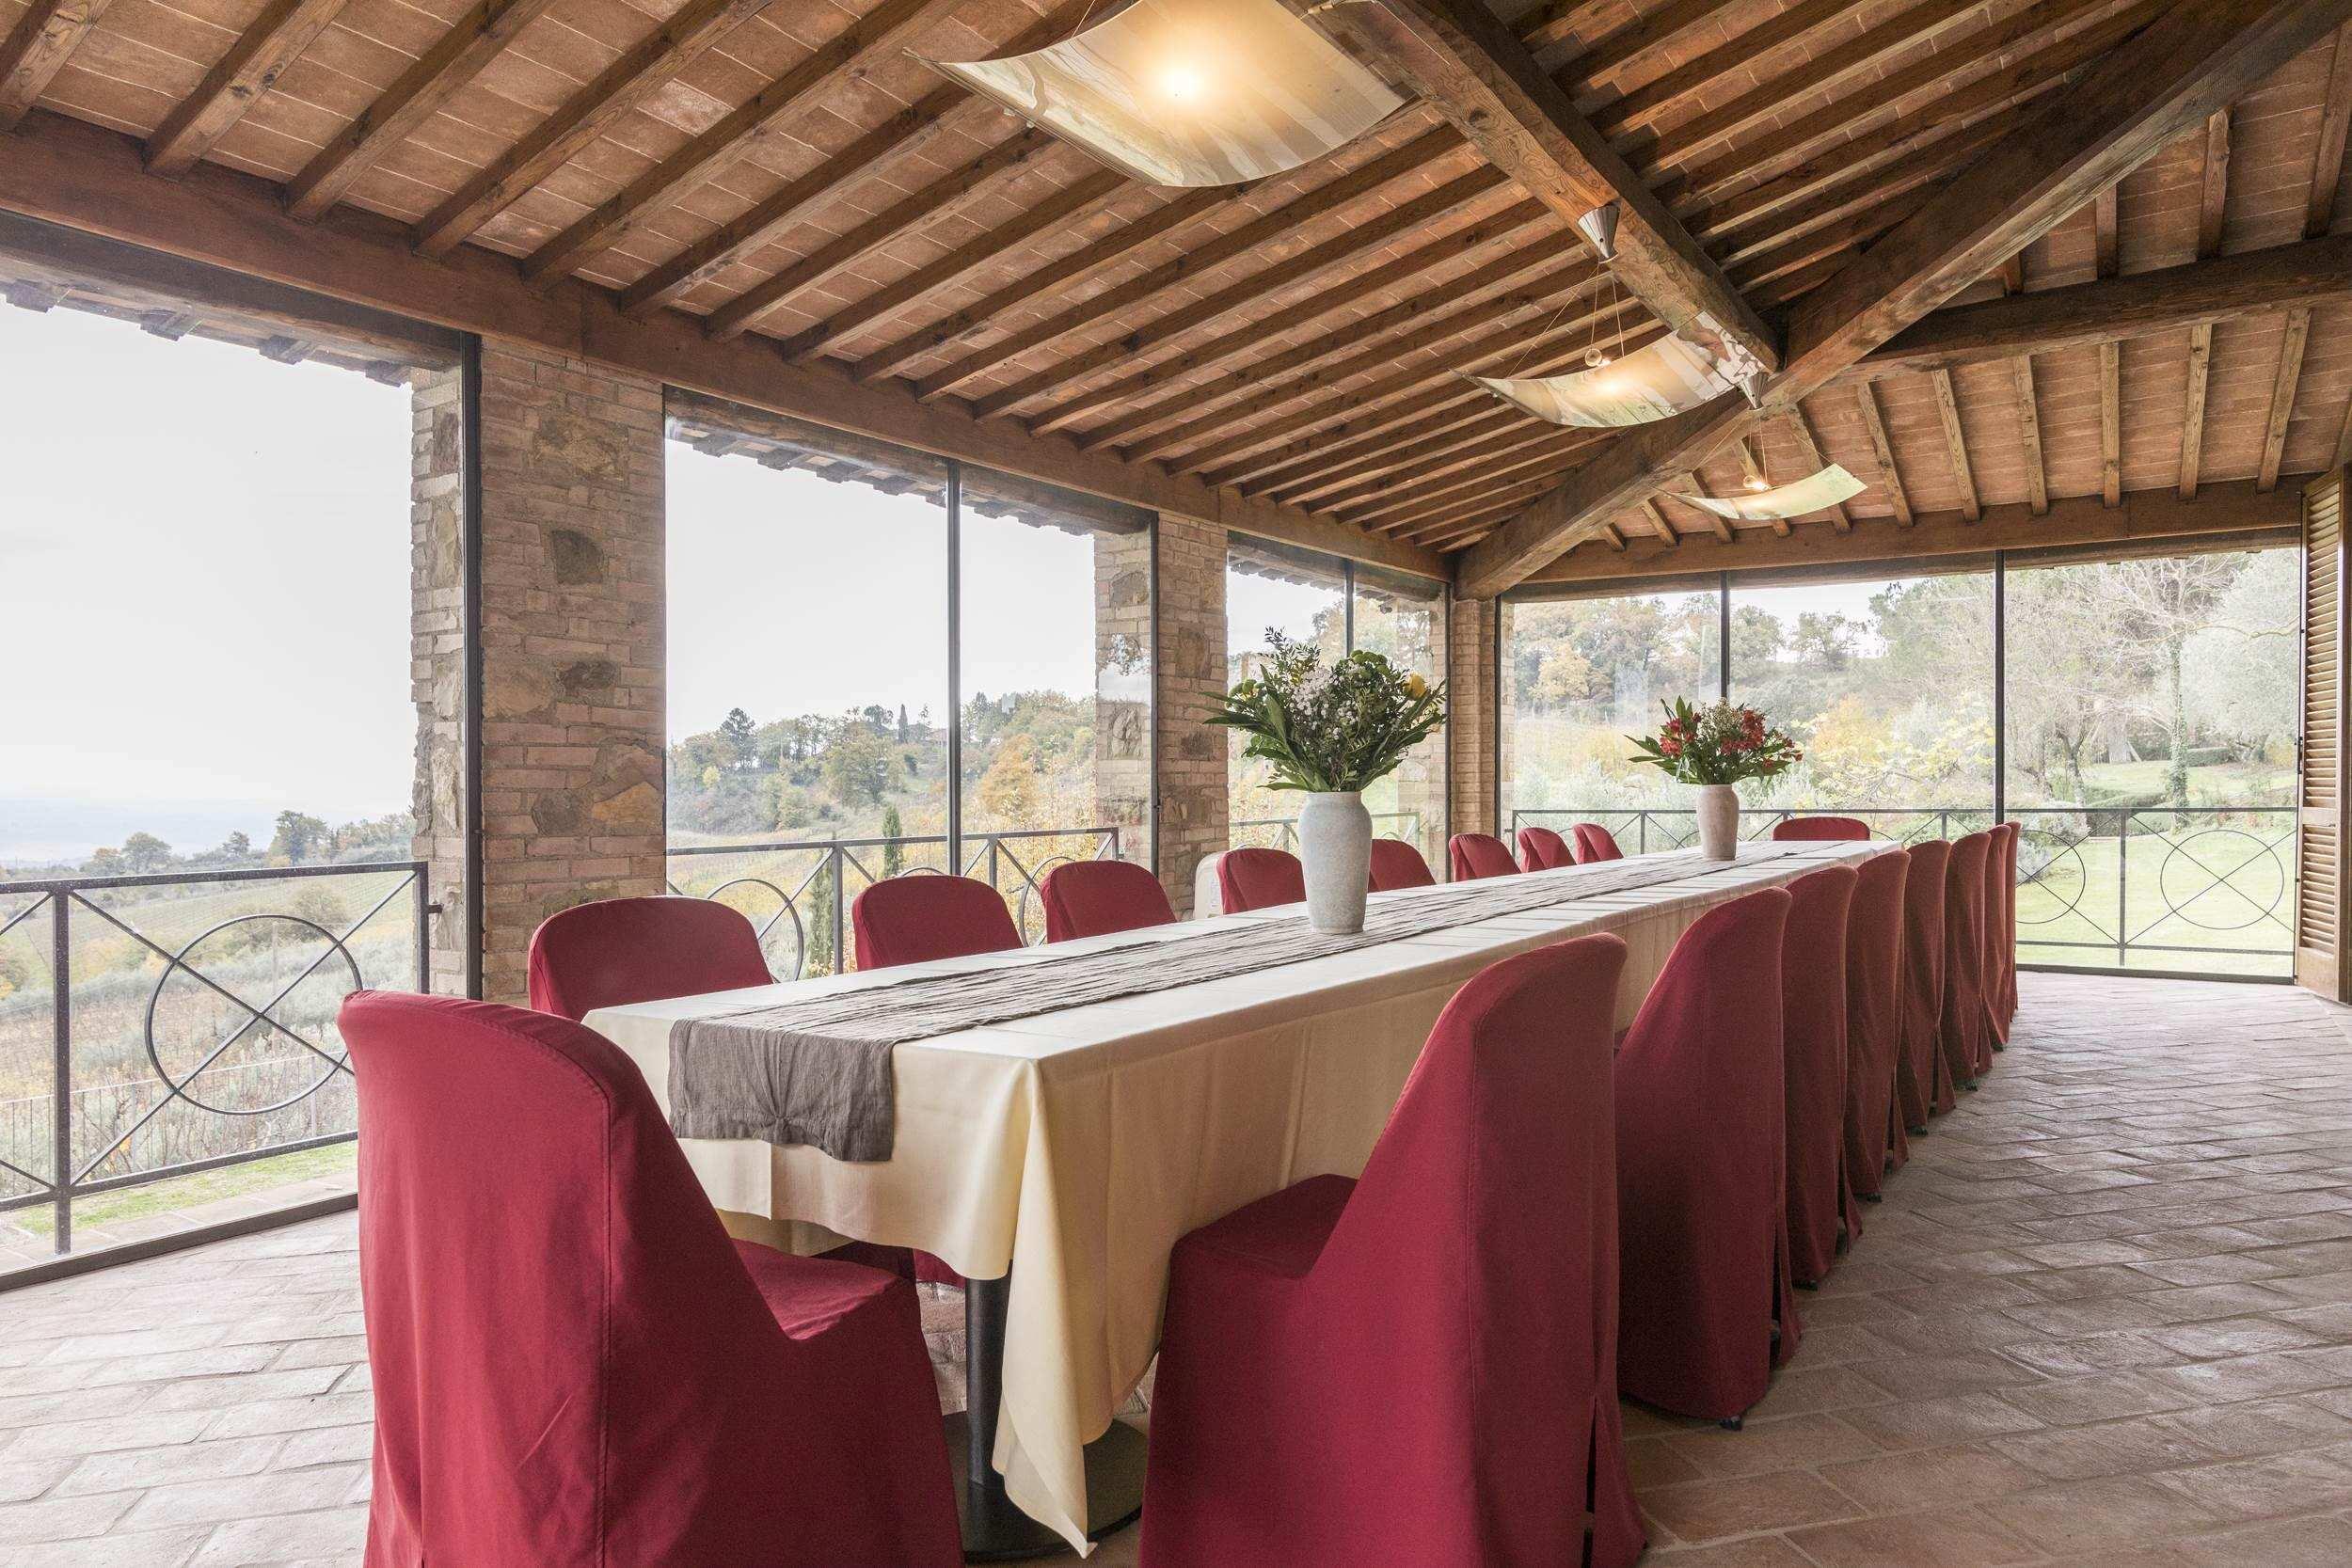 Private Chef at Tuscan luxury villa.